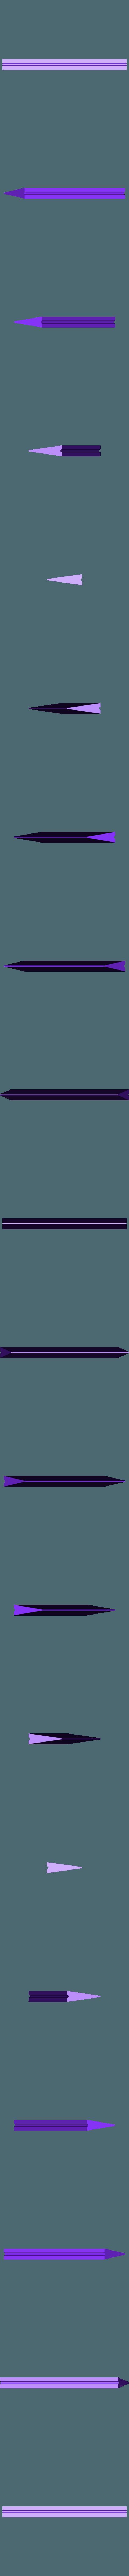 300x300x350 - Silver - Blade - Part 3.stl Download STL file Final Fantasy VII - Buster Sword - Bracelet - Shoulder pad  • 3D print model, 3Dutchie